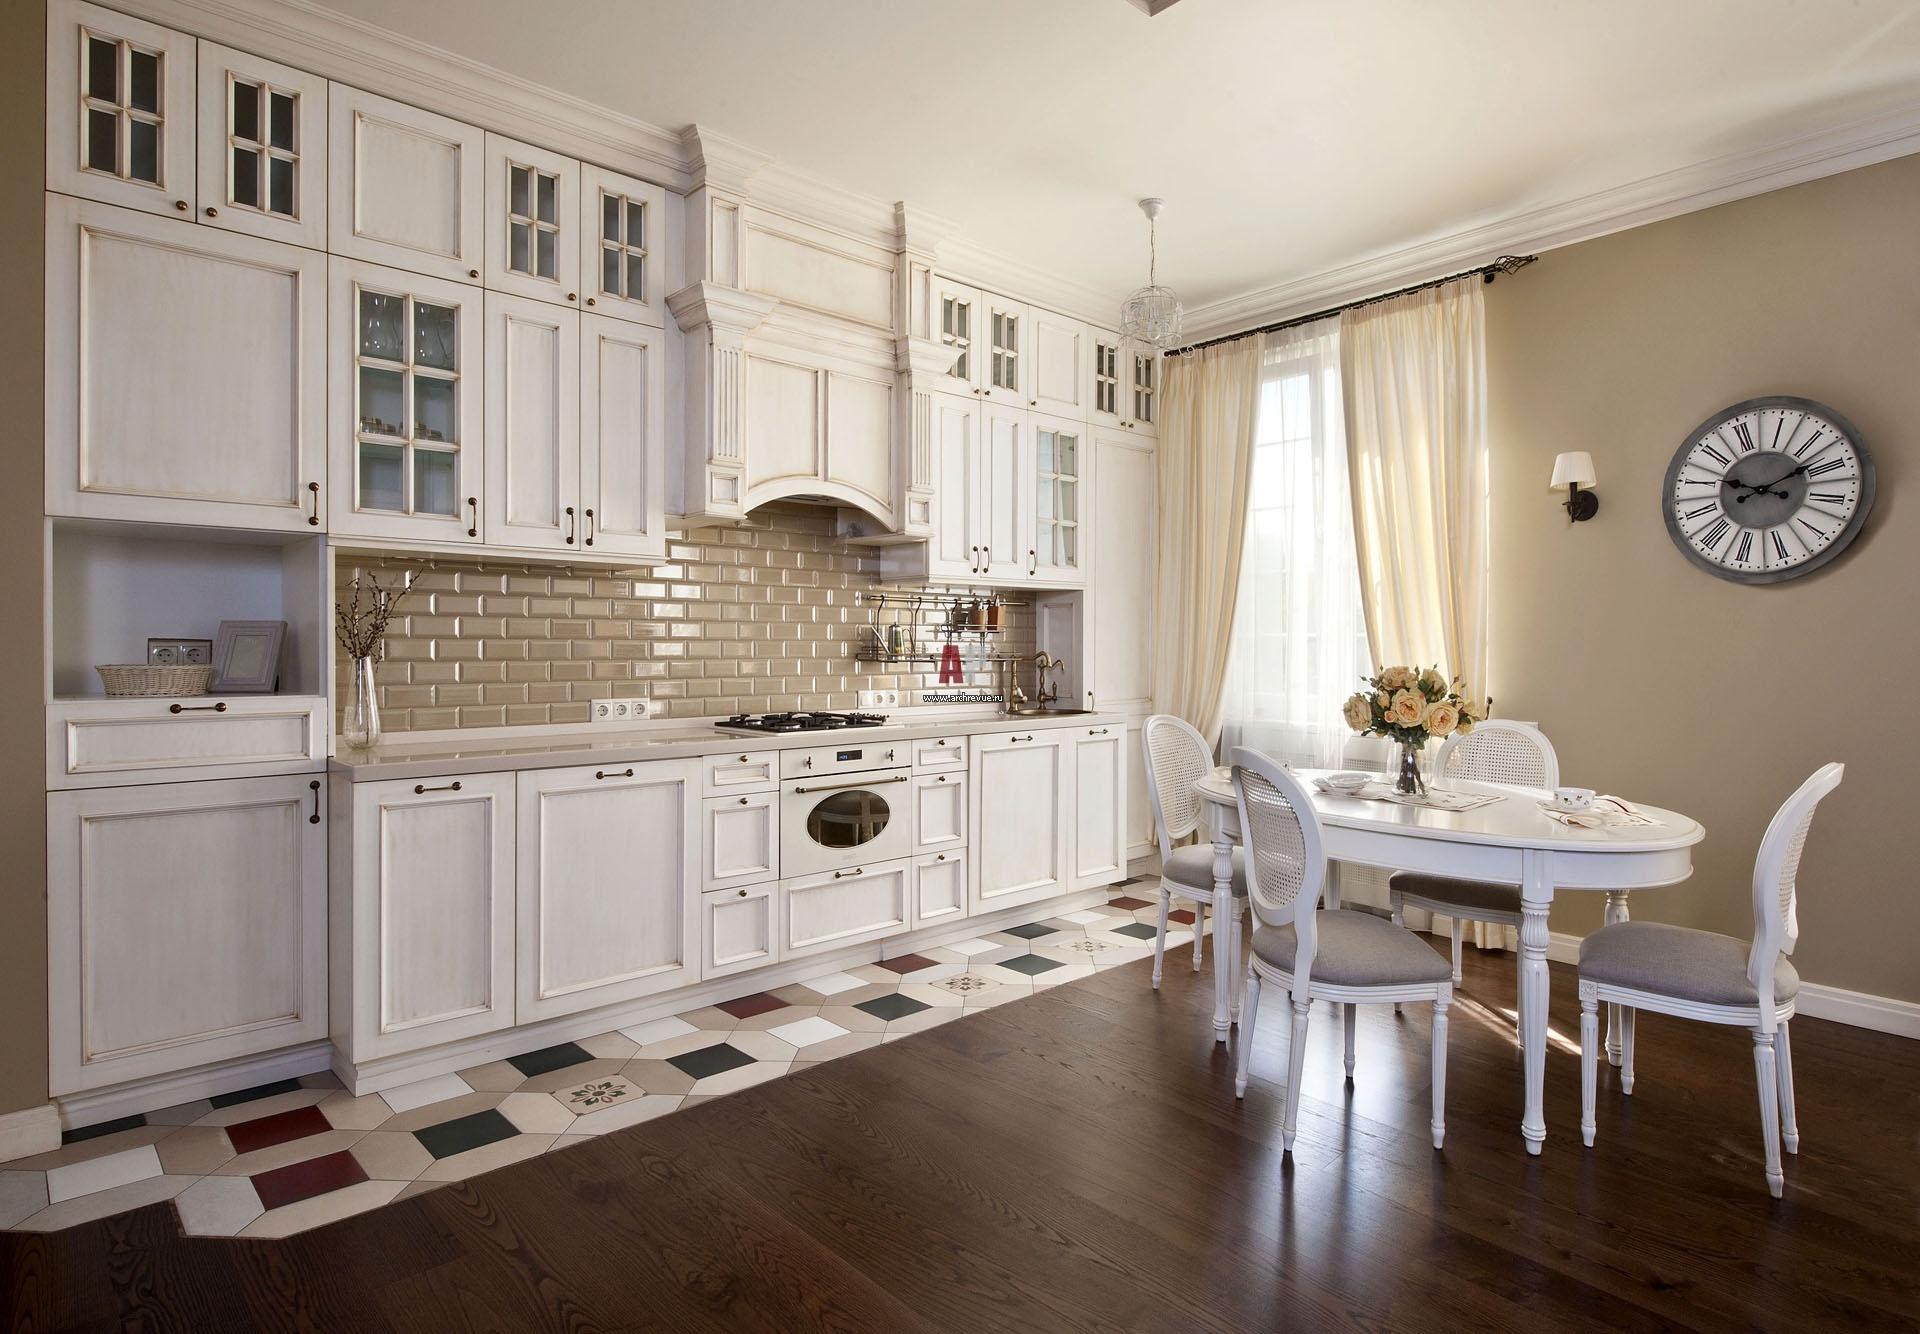 дизайн декор интерьера красивой кухни в стиле прованс на фото обои